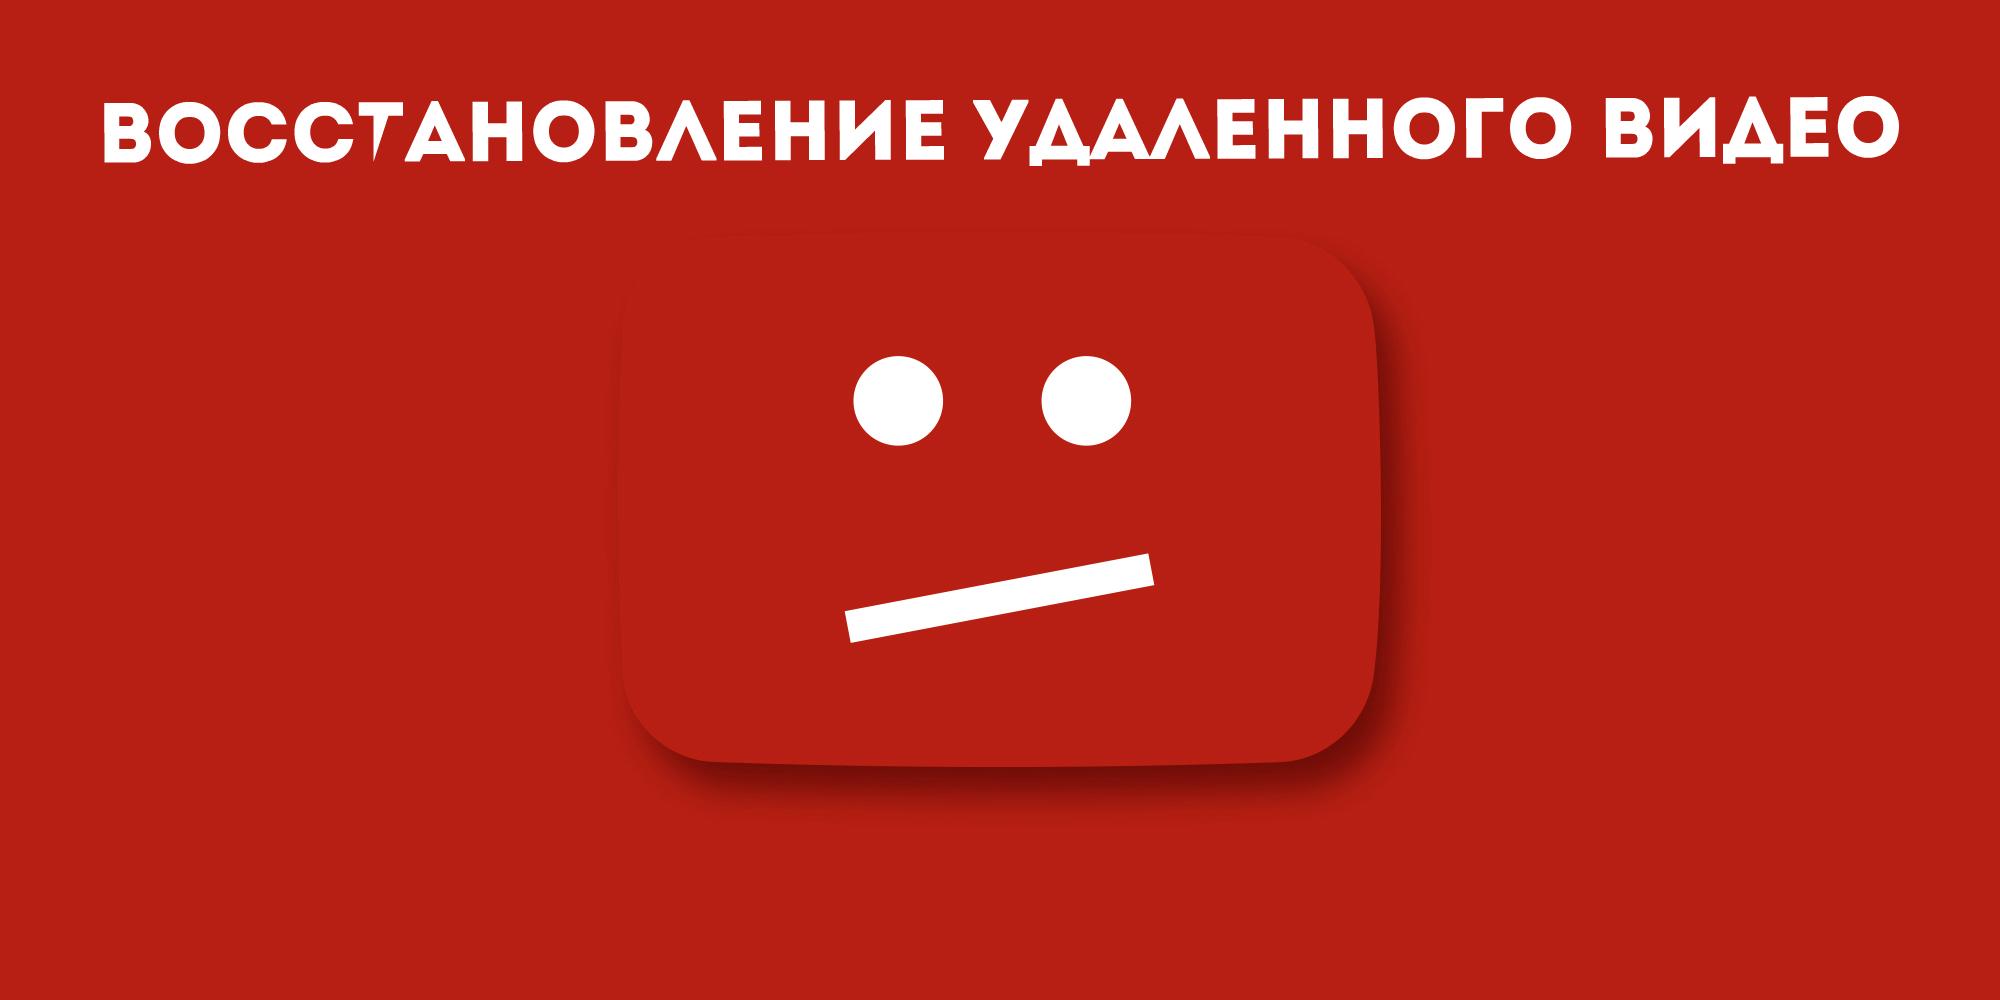 Иллюстрация на тему Как посмотреть удаленное видео на YouTube: скачать, восстановить